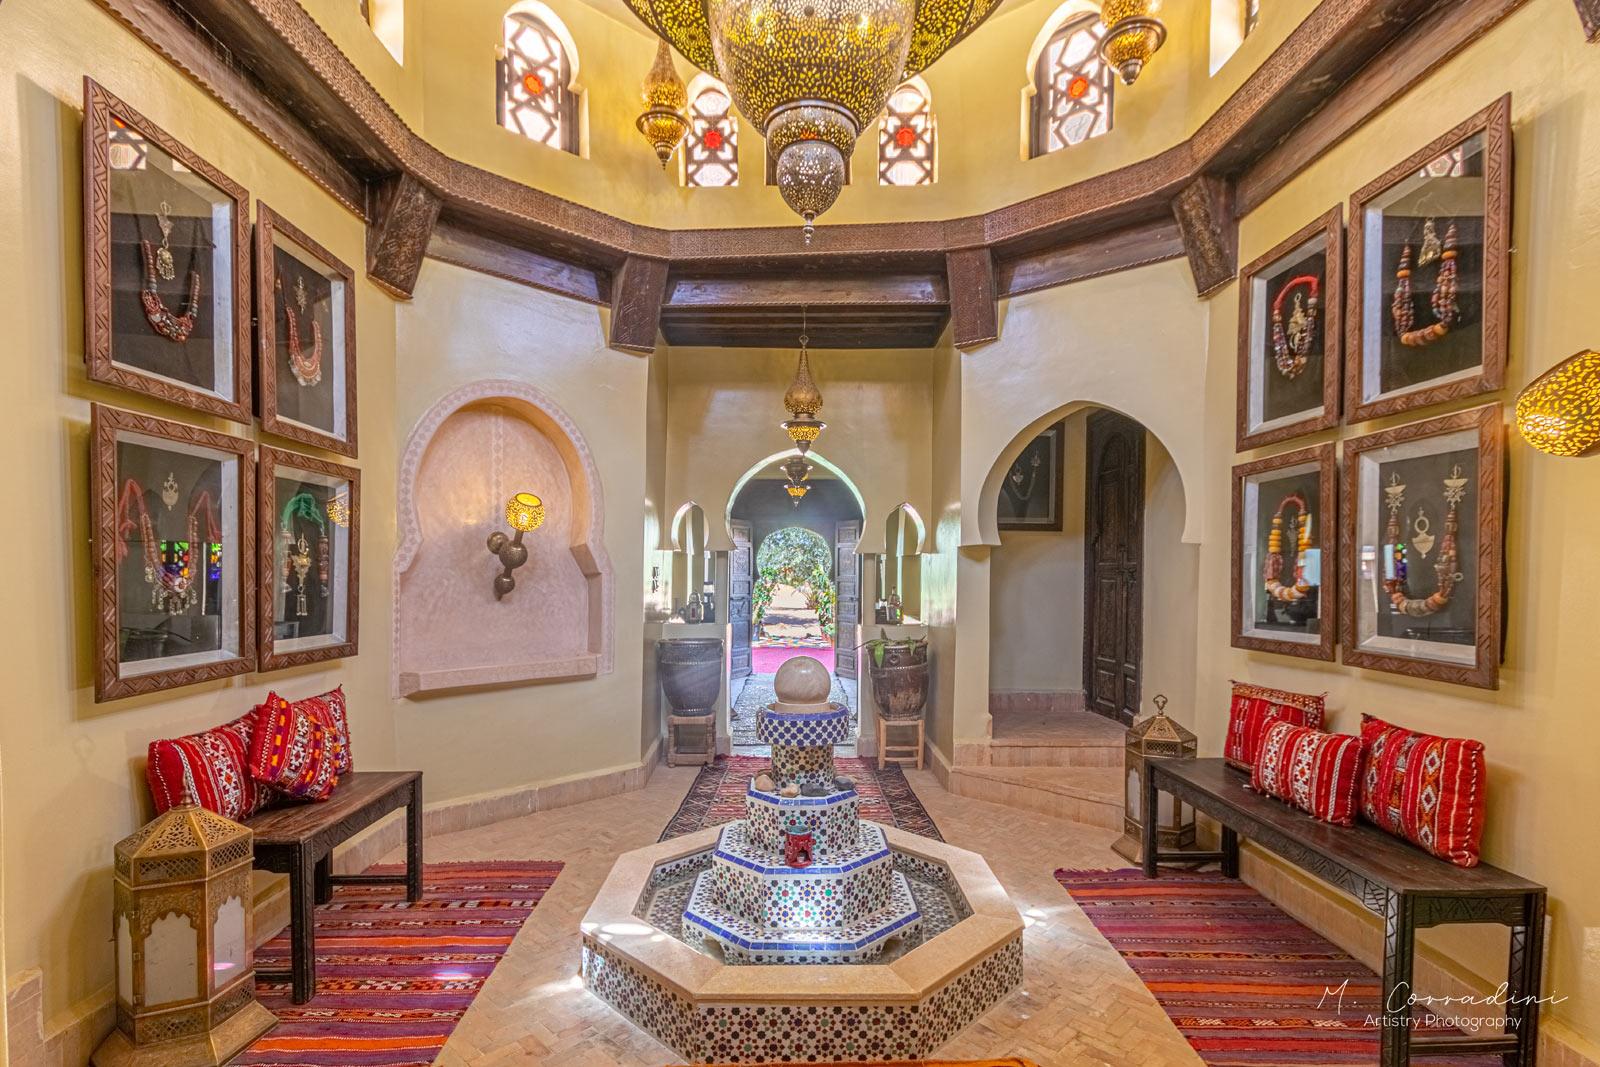 Agencia de Viajes a Marruecos • Excursiones desde Marrakech 5